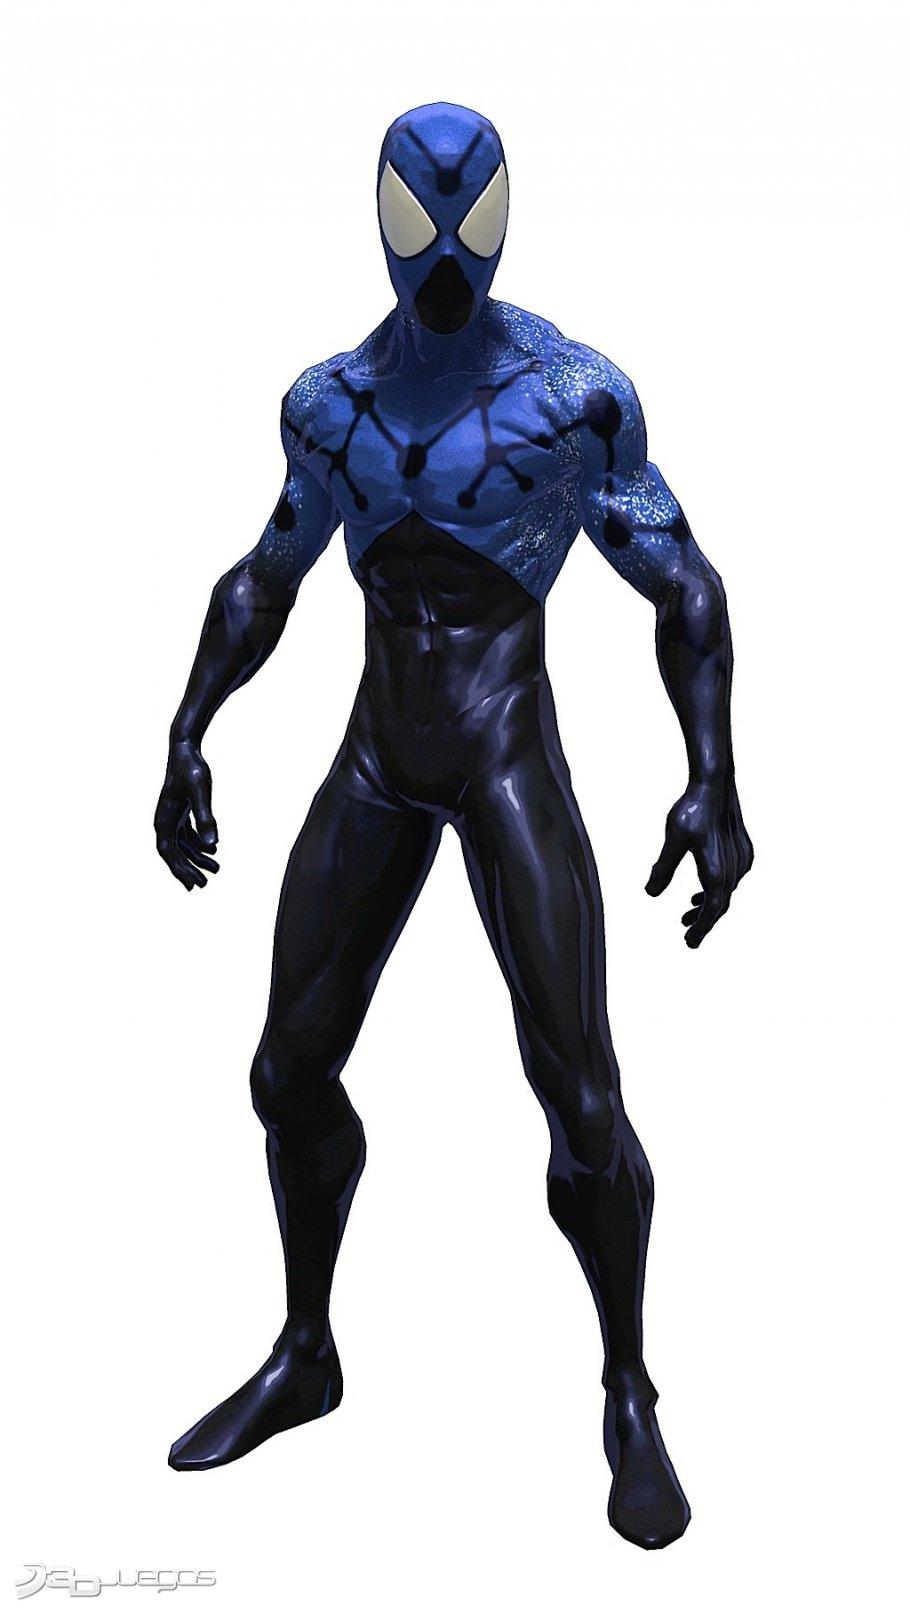 Spider Man Shattered Dimensions Para PS3 3DJuegos